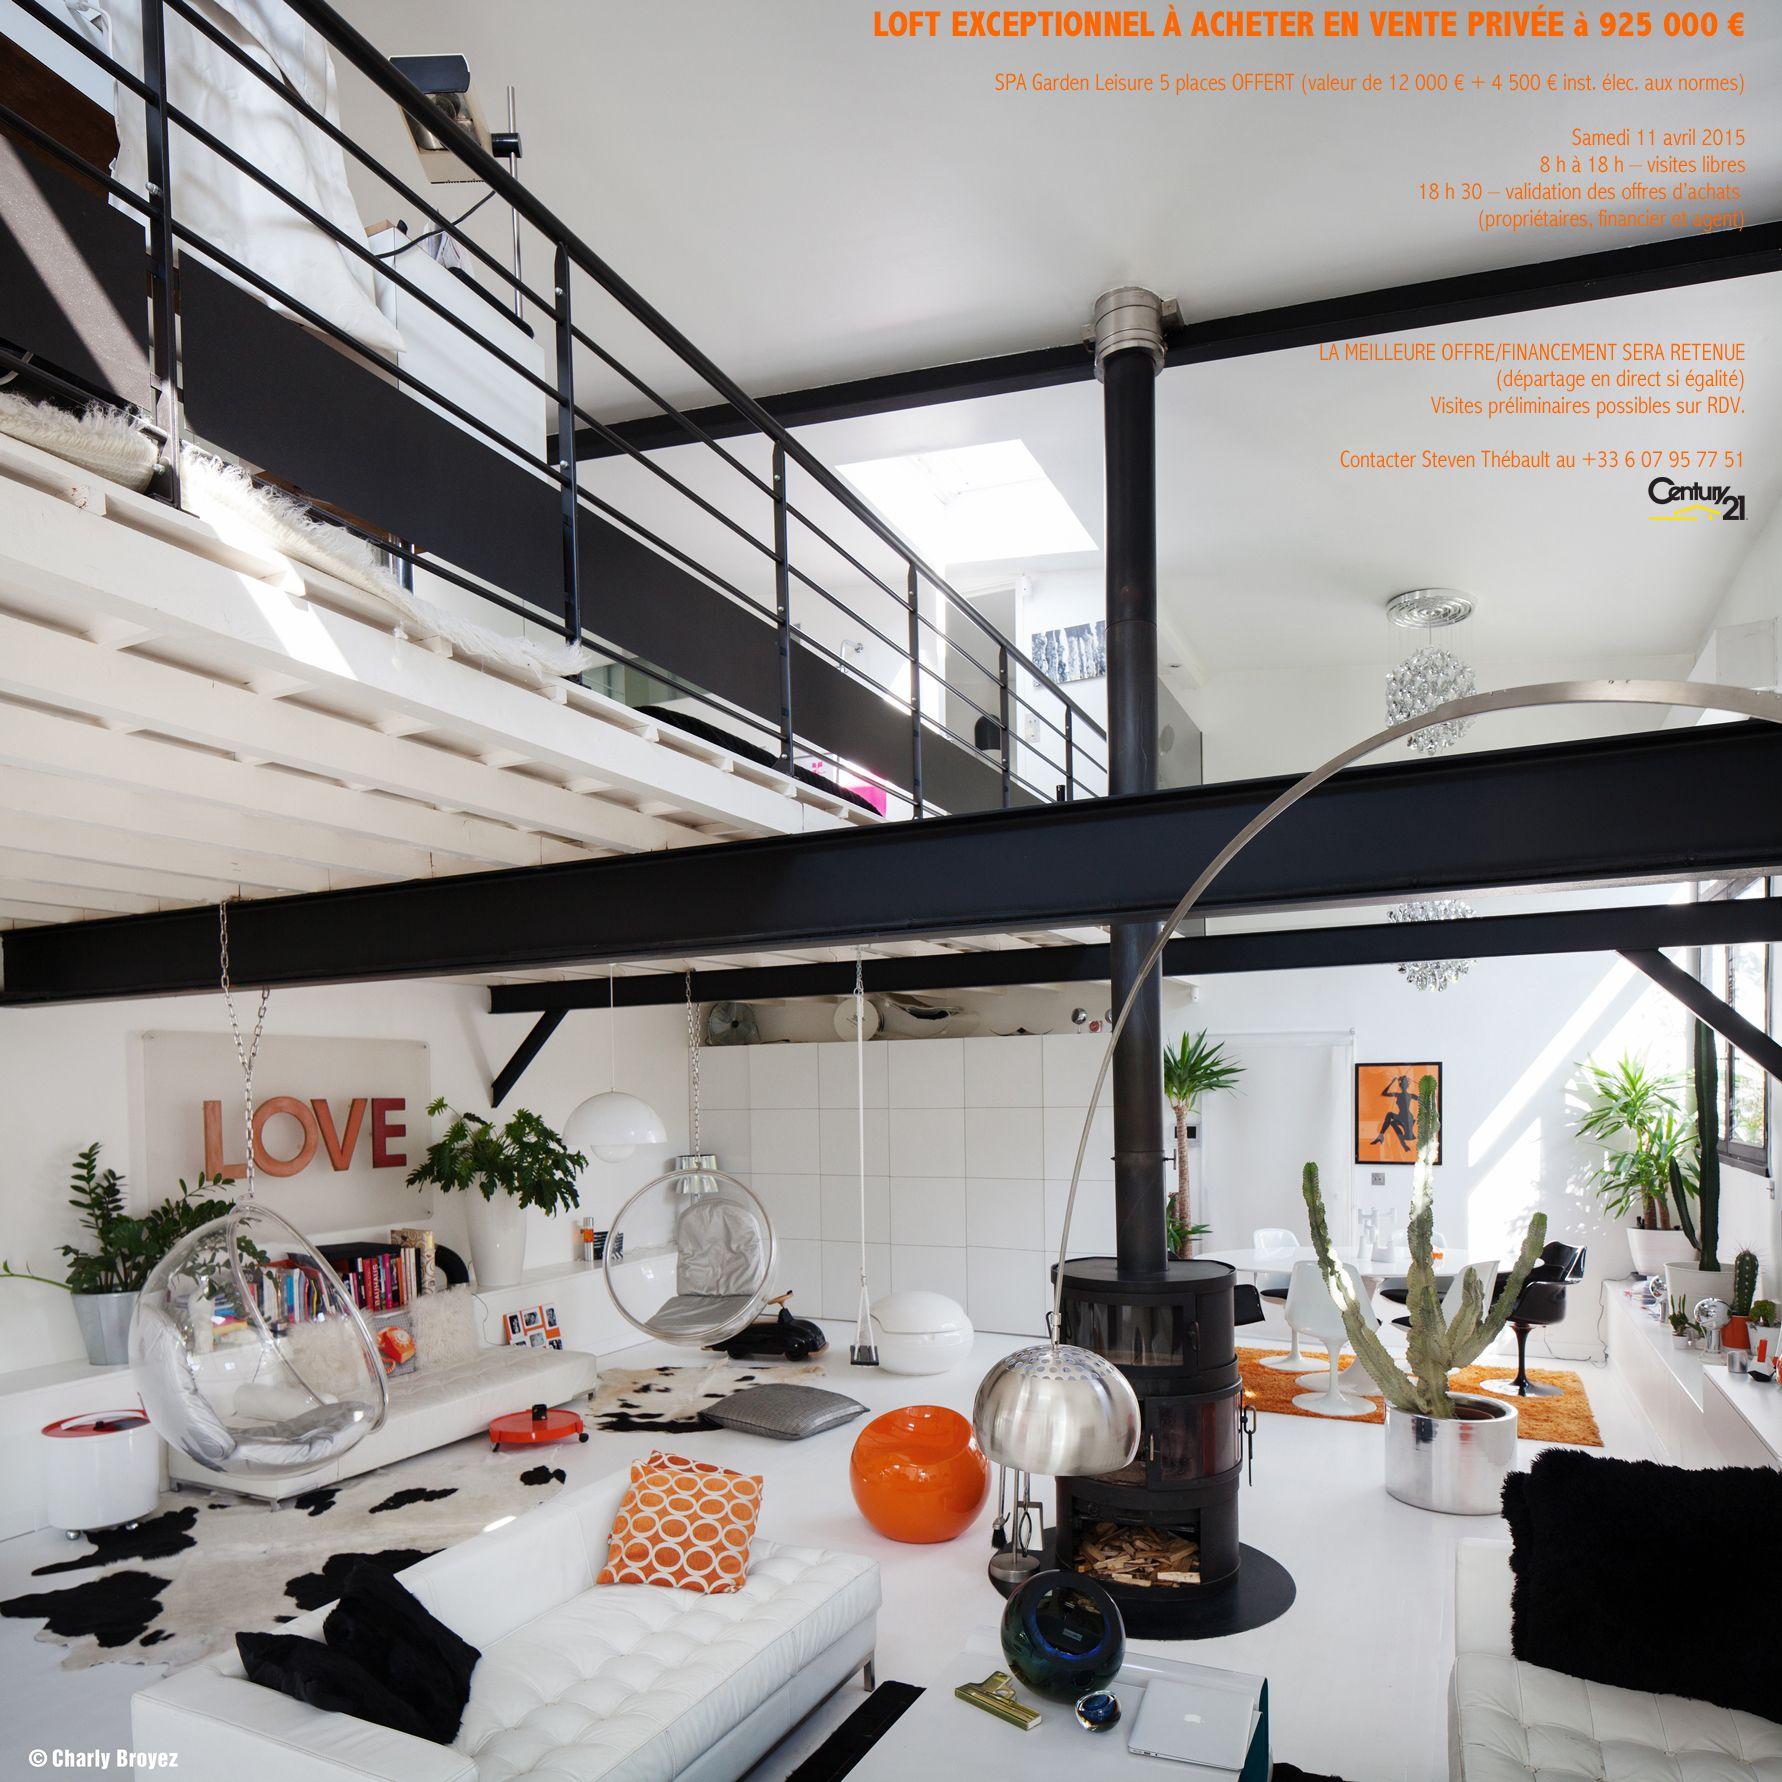 intrieur de 170 m2 dont sjour de 93 m2 cuisine avec lot central salle manger salon lounge 550 m hsp pole scandinave central avec chemine - Cuisine Avec Salle A Manger Integree